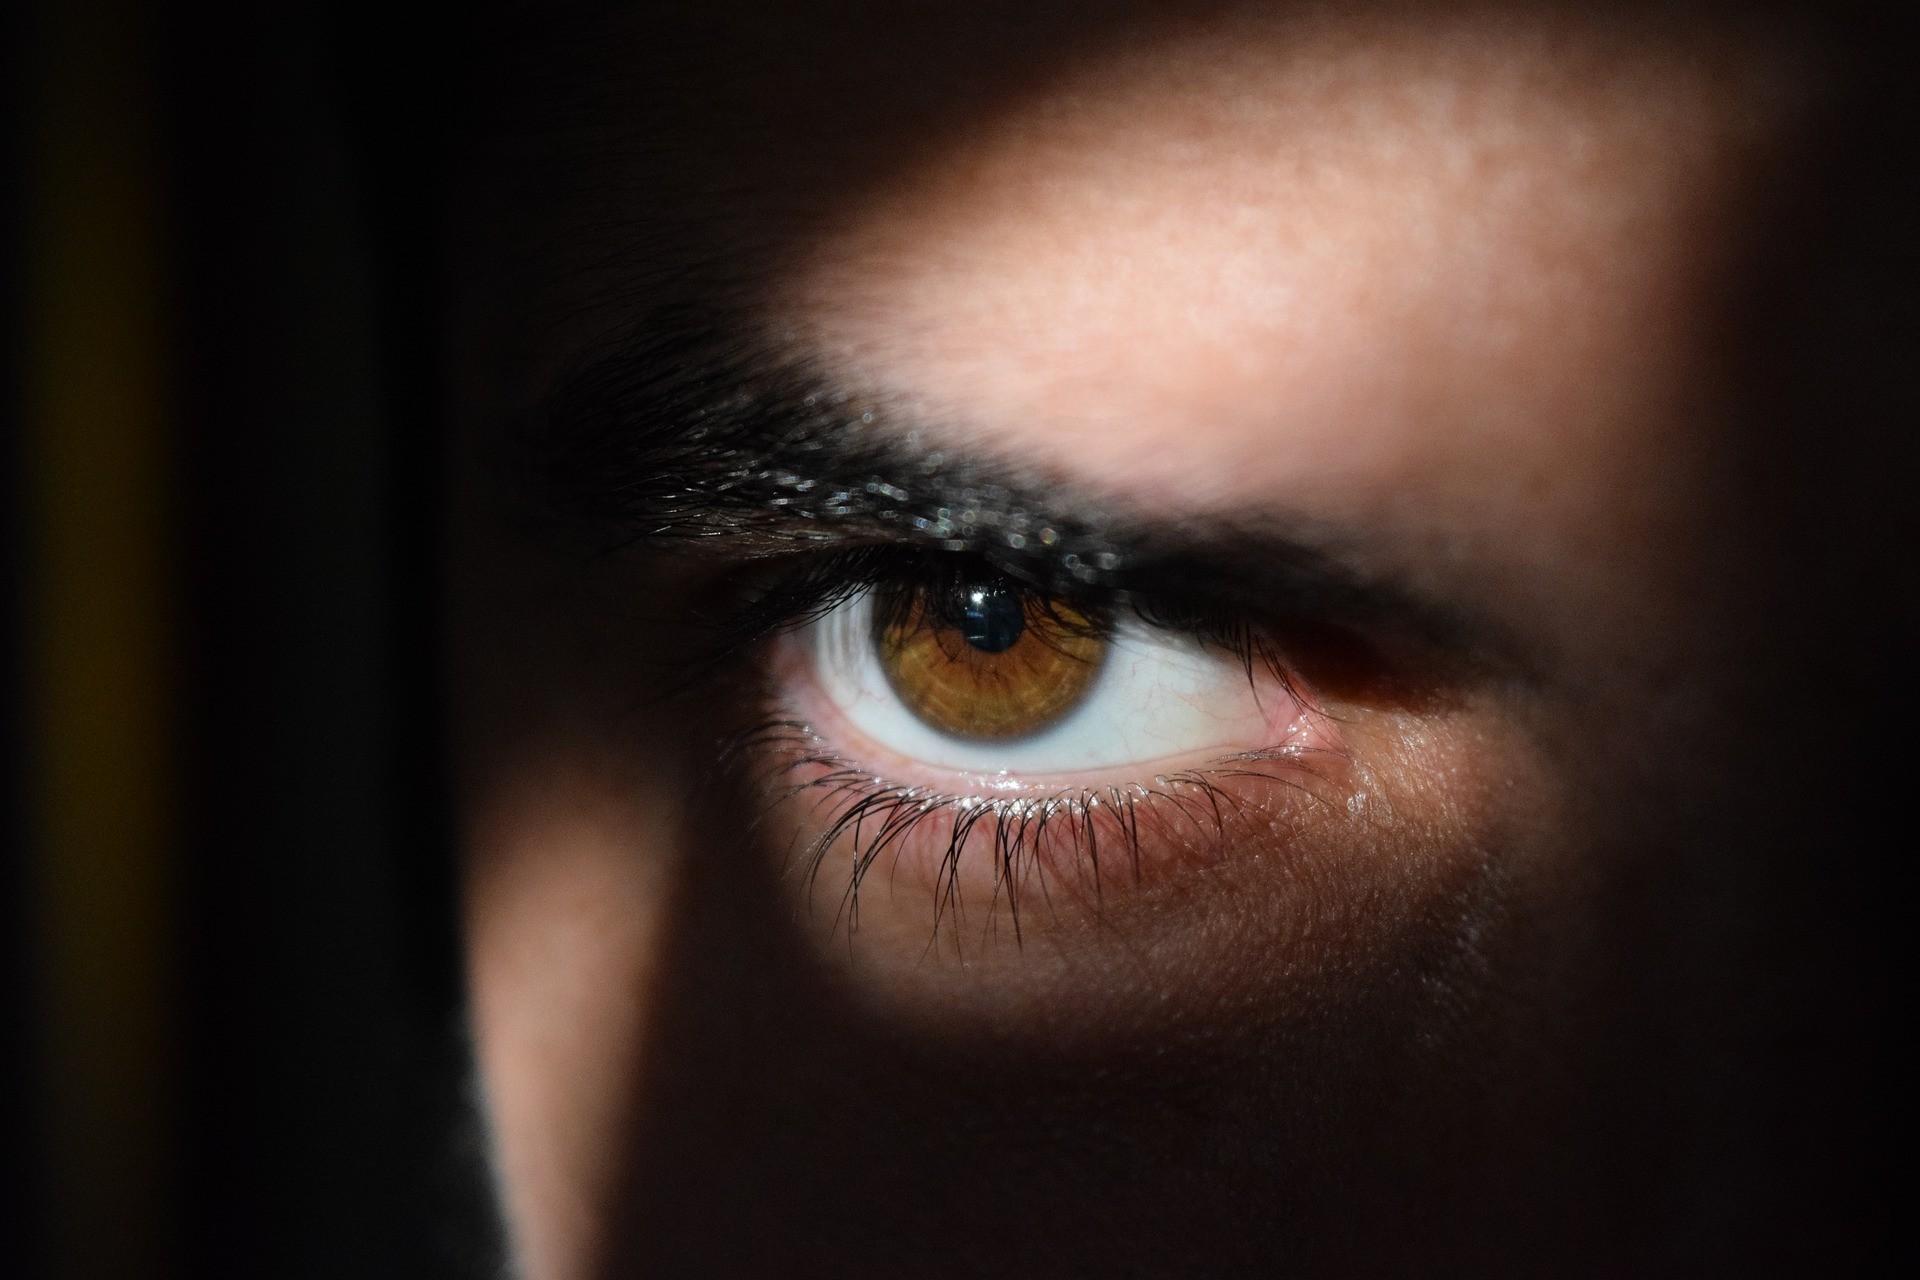 ▲監視  。(圖/取自免費圖庫pixabay)